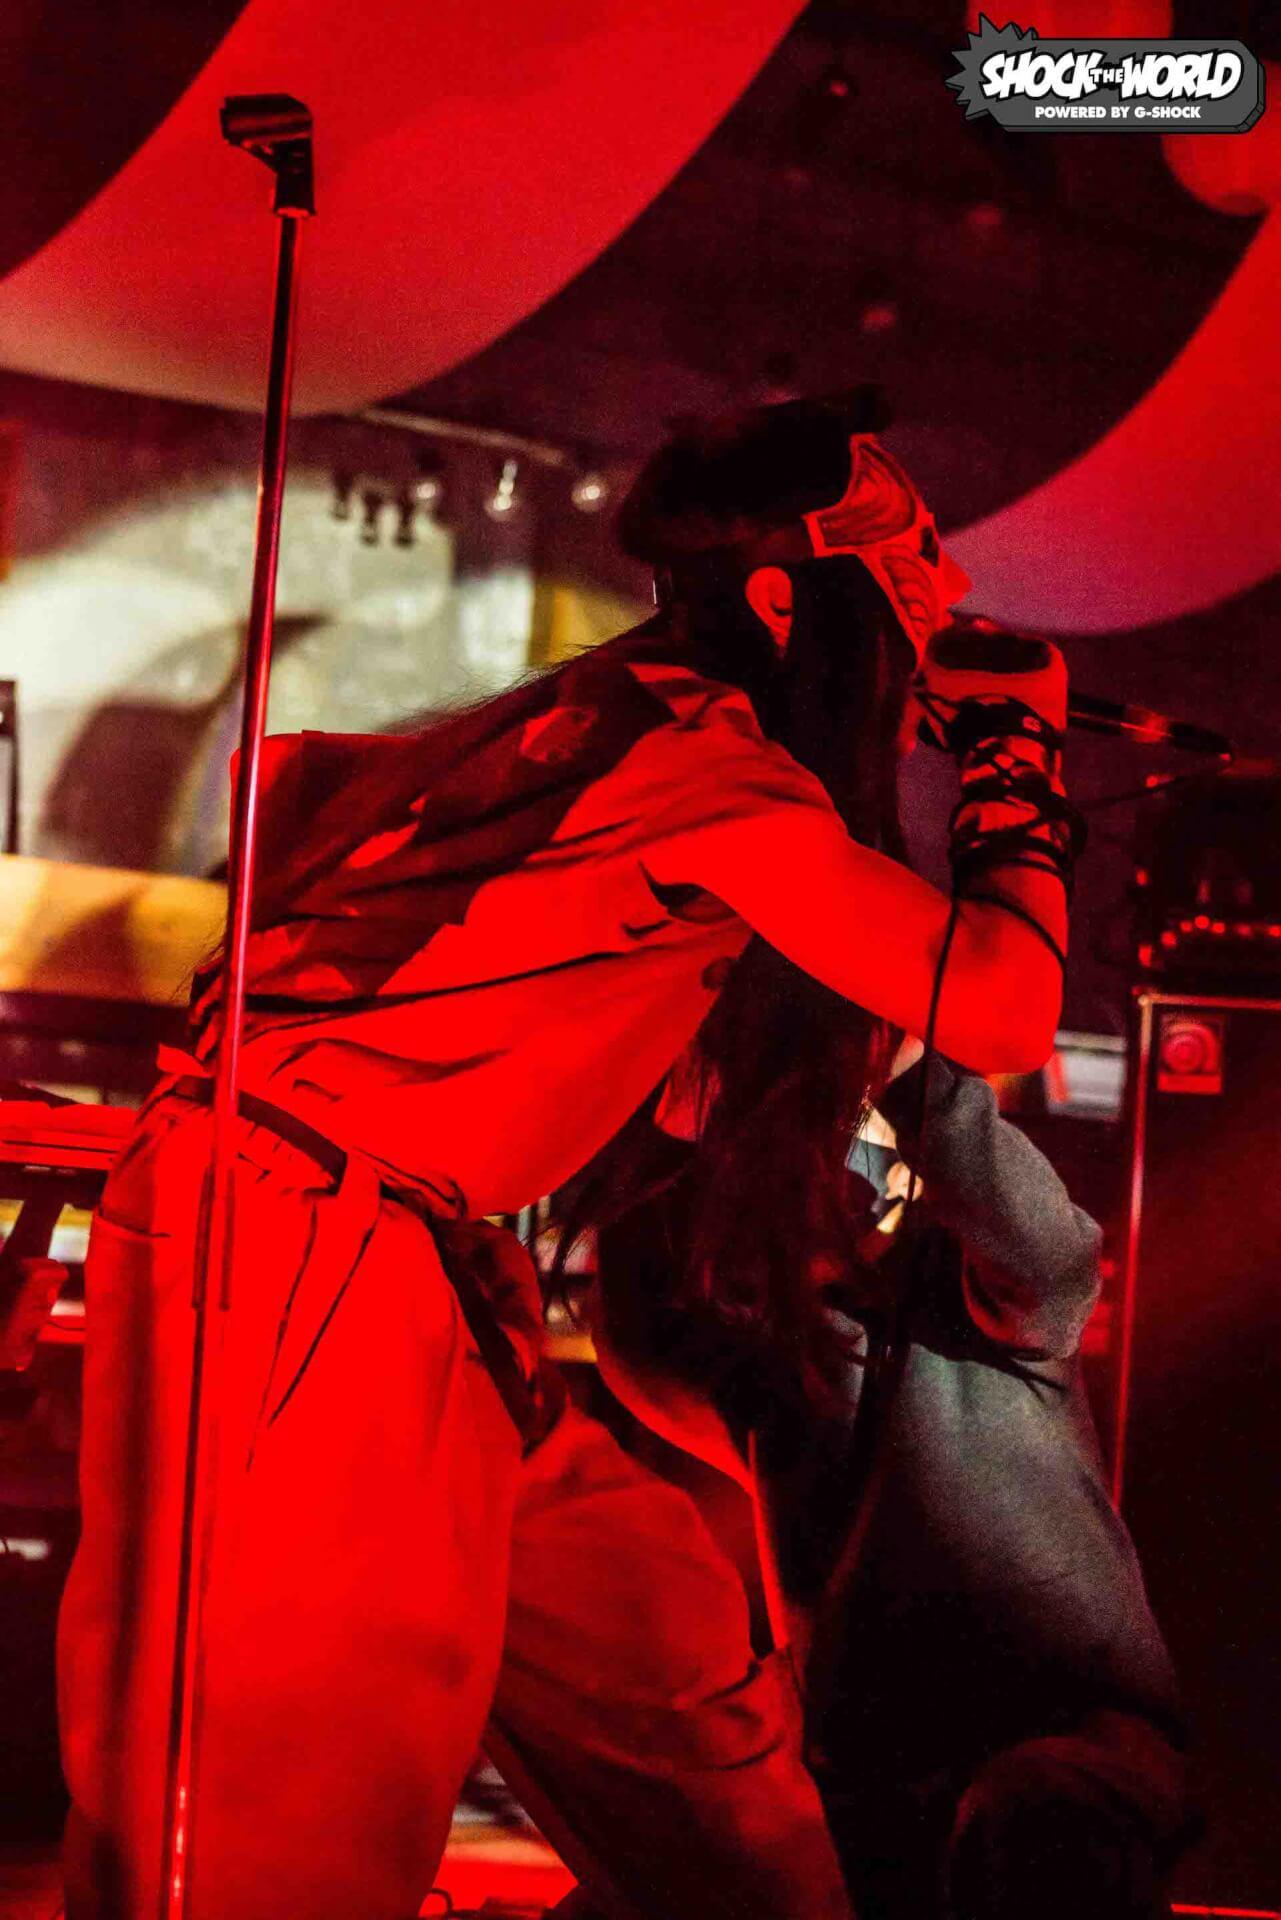 G-SHOCKが手がける新たな番組『SHOCK THE WORLD』がYouTubeで配信決定!第1弾にオカモトレイジ、マヒトゥ・ザ・ピーポー、奥冨直人が登場 life201228_shocktheworld_3